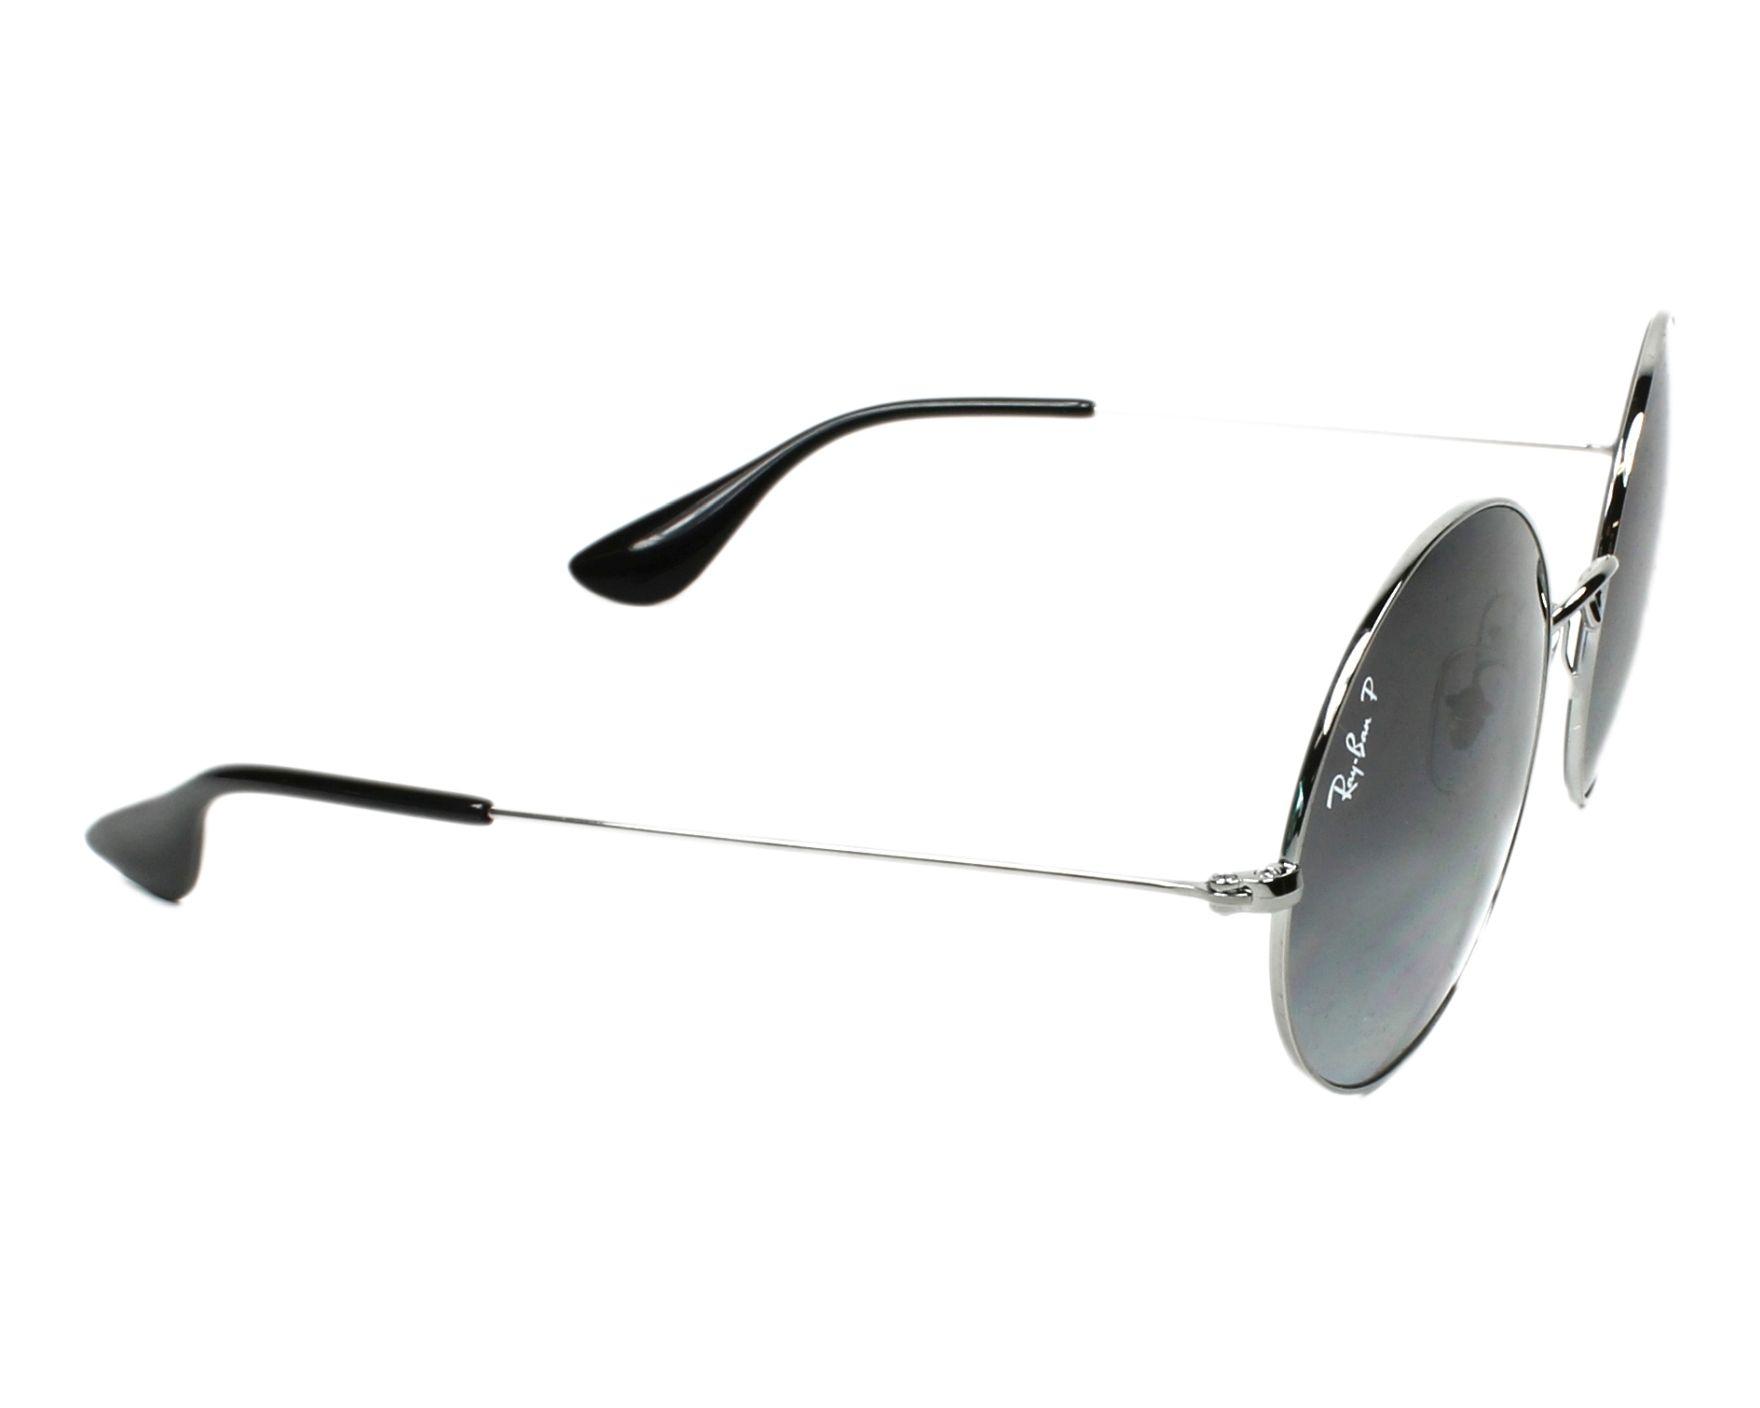 7a801daa6a5 Sunglasses Ray-Ban RB-3592 004 T3 50-20 Gun side view